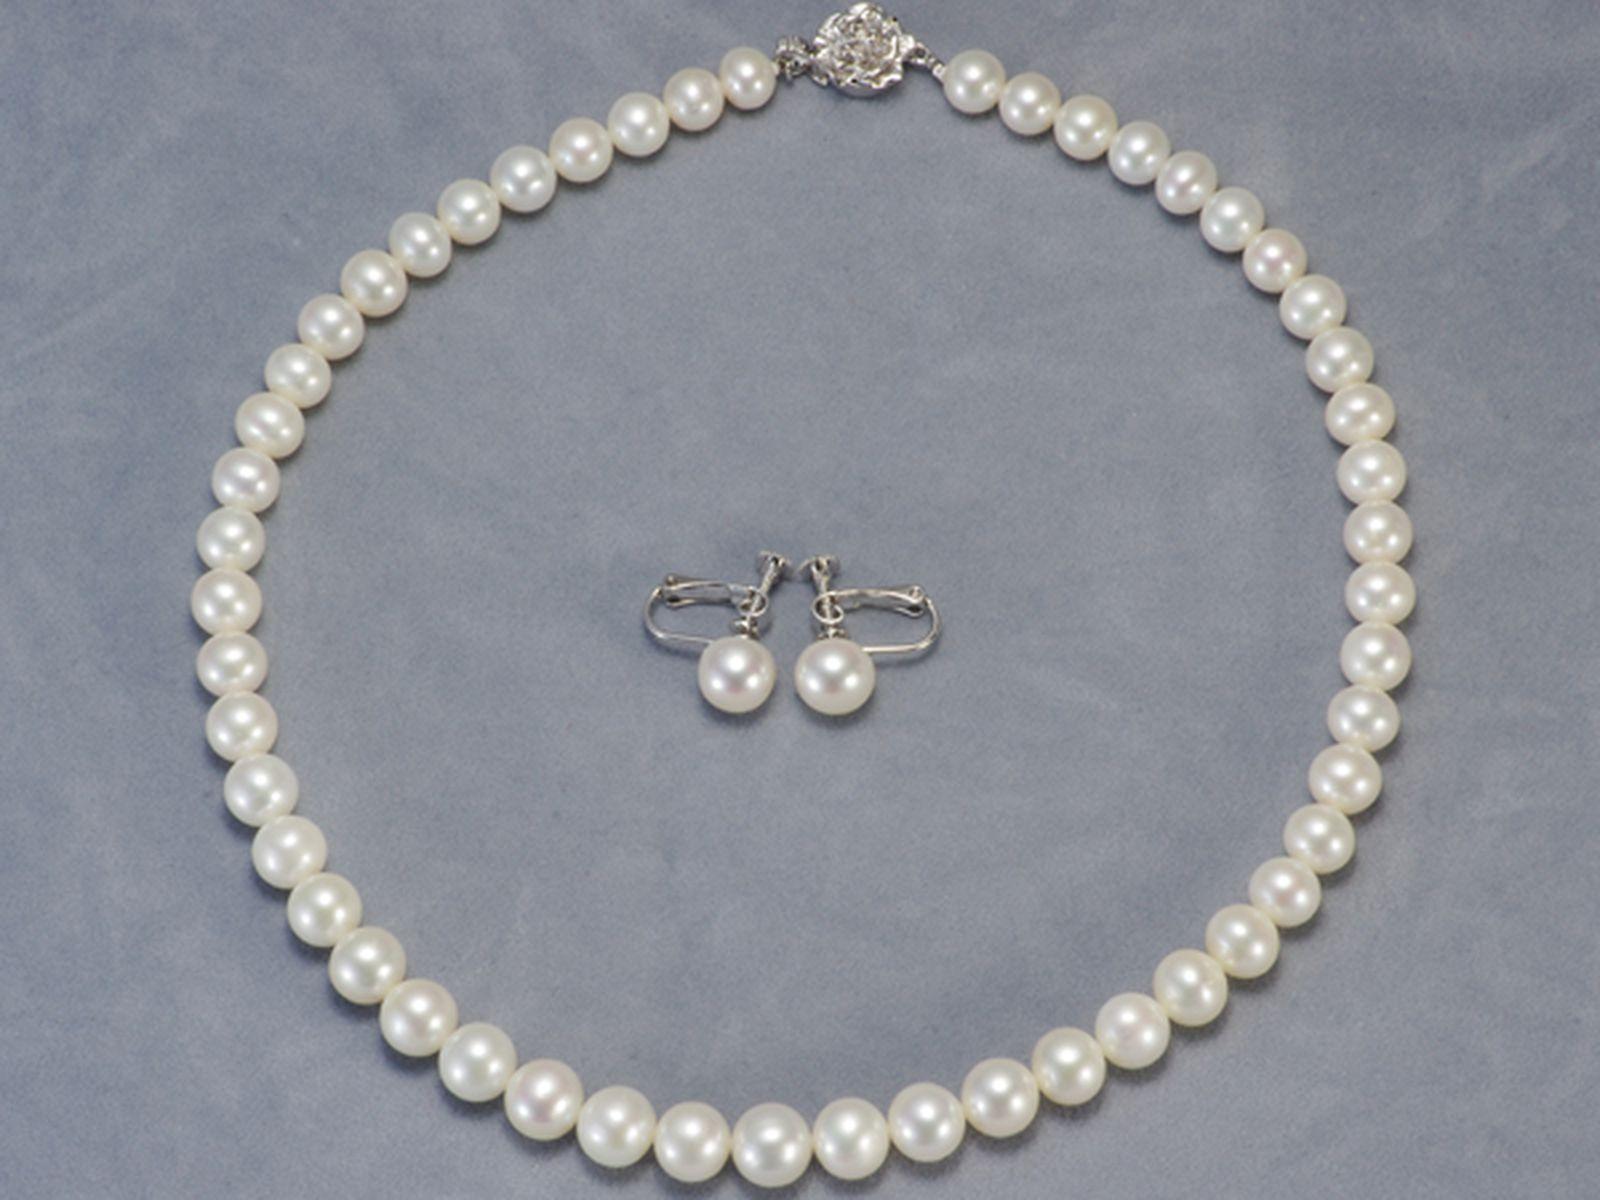 淡水真珠フォーマルセット 約7.5-9.5mmの写真